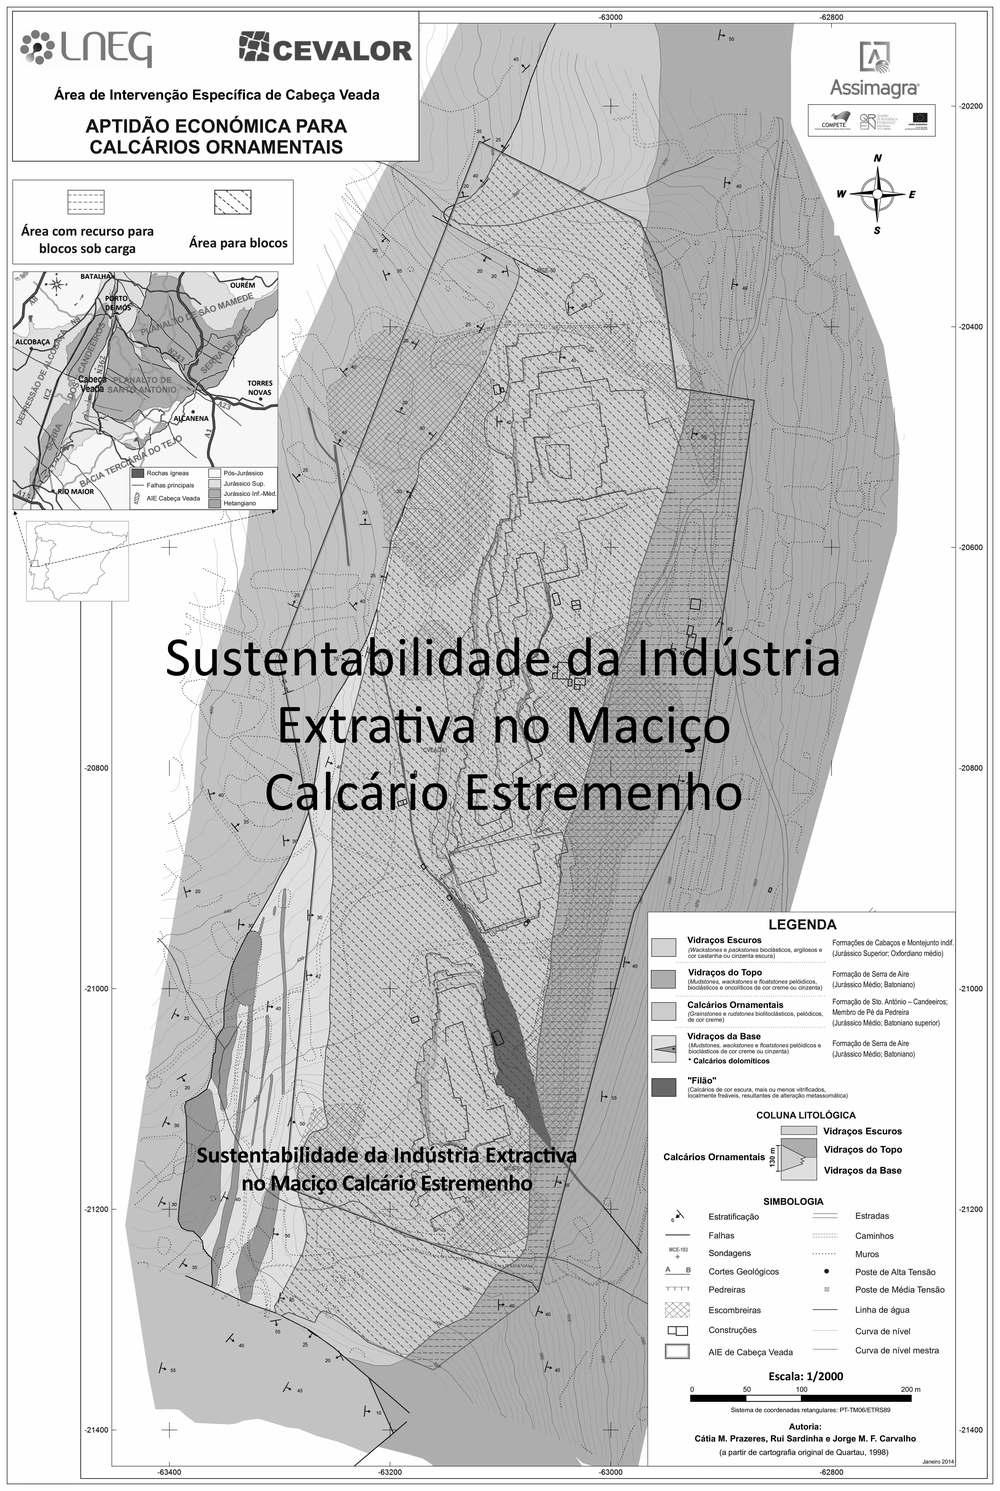 Exploração Sustentável de Recursos no Maciço Calcário Estremenho